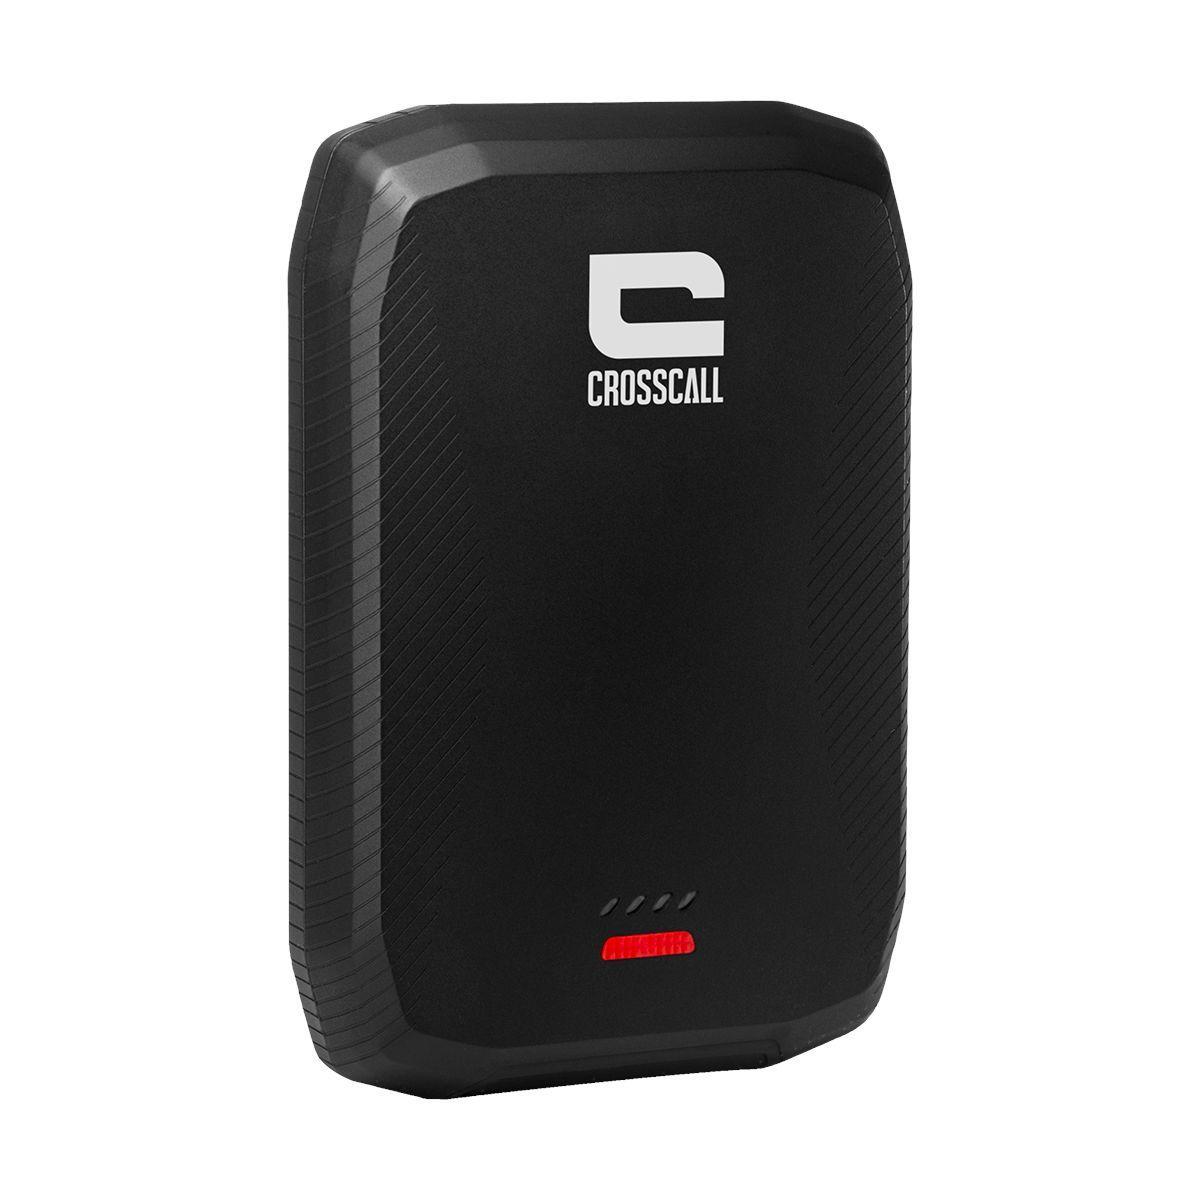 Batterie externe crosscall x-power - 2% de remise imm�diate avec le code : deal2 (photo)